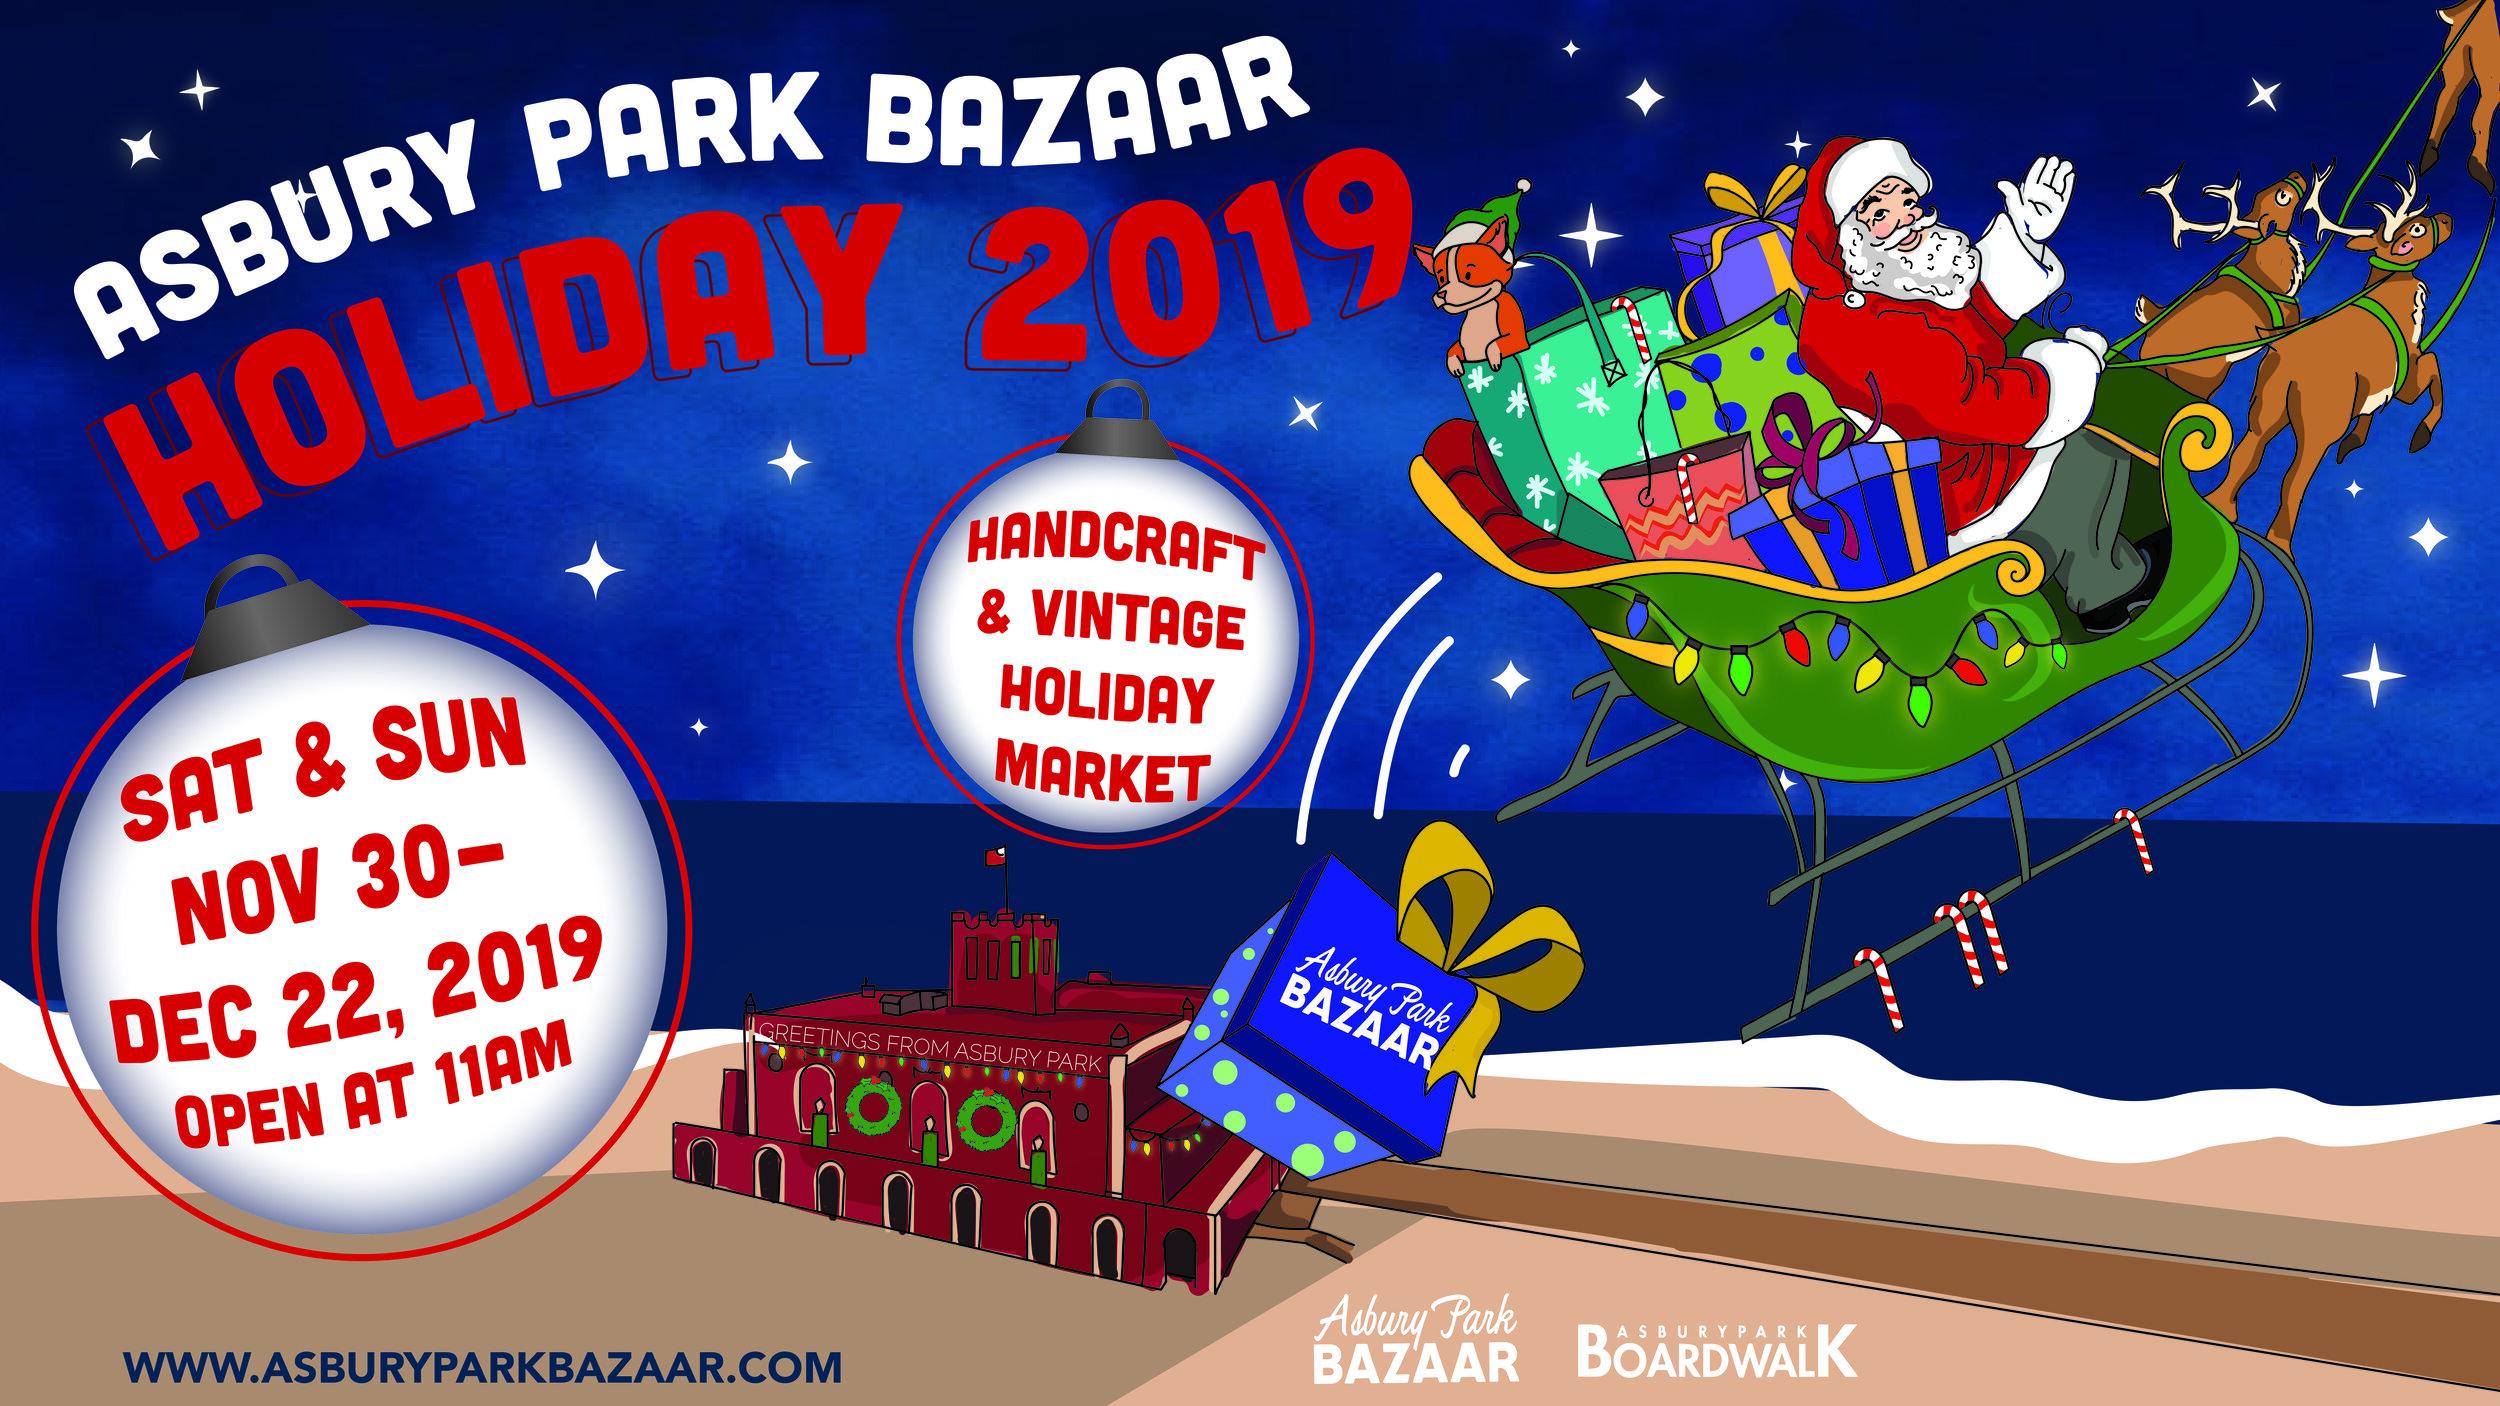 Asbury Park Christmas Bazaar 2020 Asbury Park Holiday Bazaar 2019 — Asbury Park Bazaar